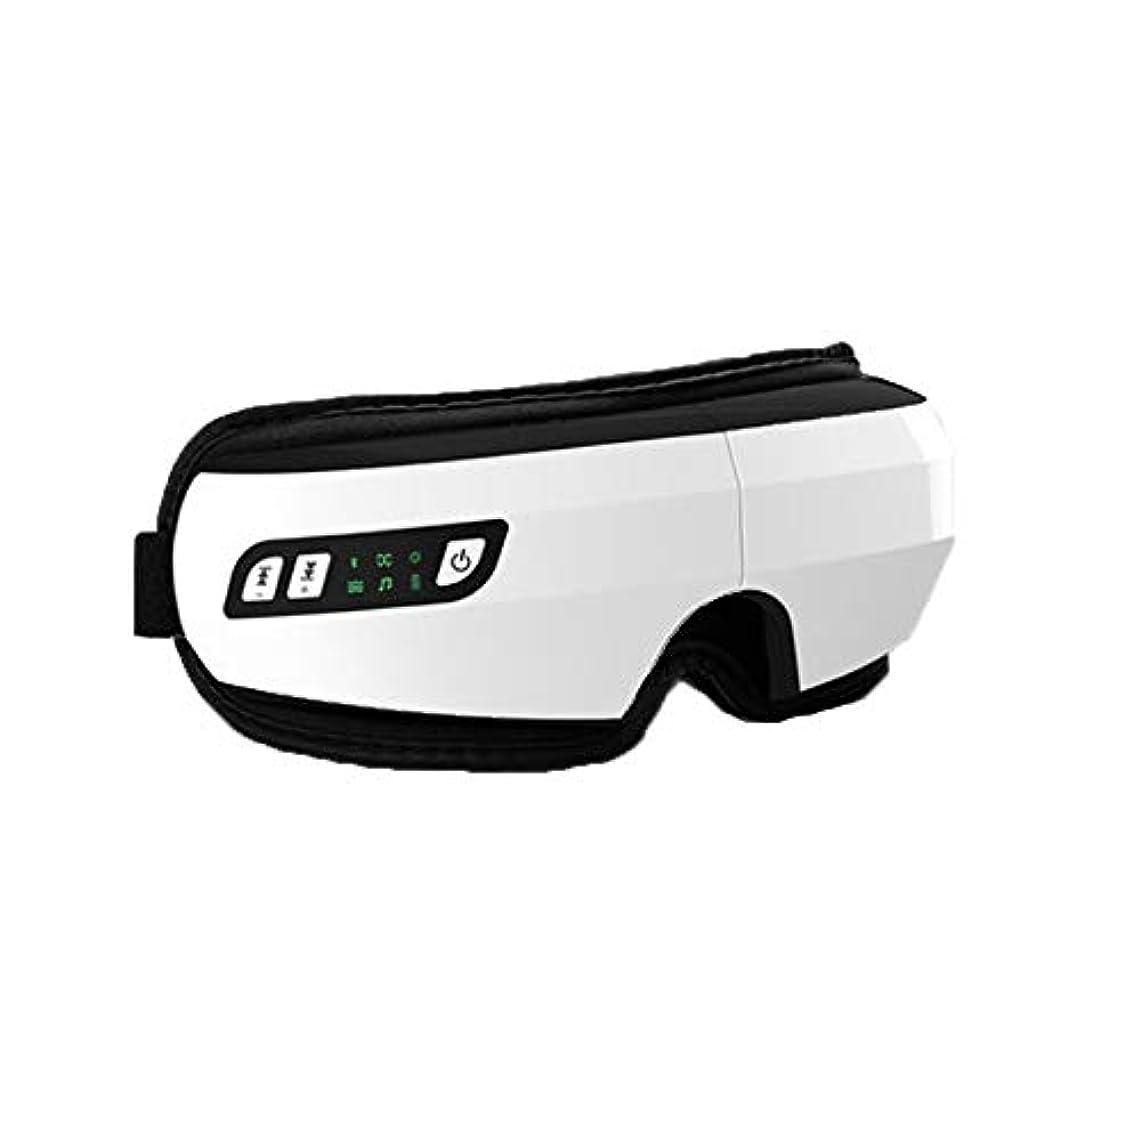 食べるバイオレットスーパーマッサージャー - 熱い湿布は近視の黒い目の声の振動目の保護の器械を取り除きます (Color : White)